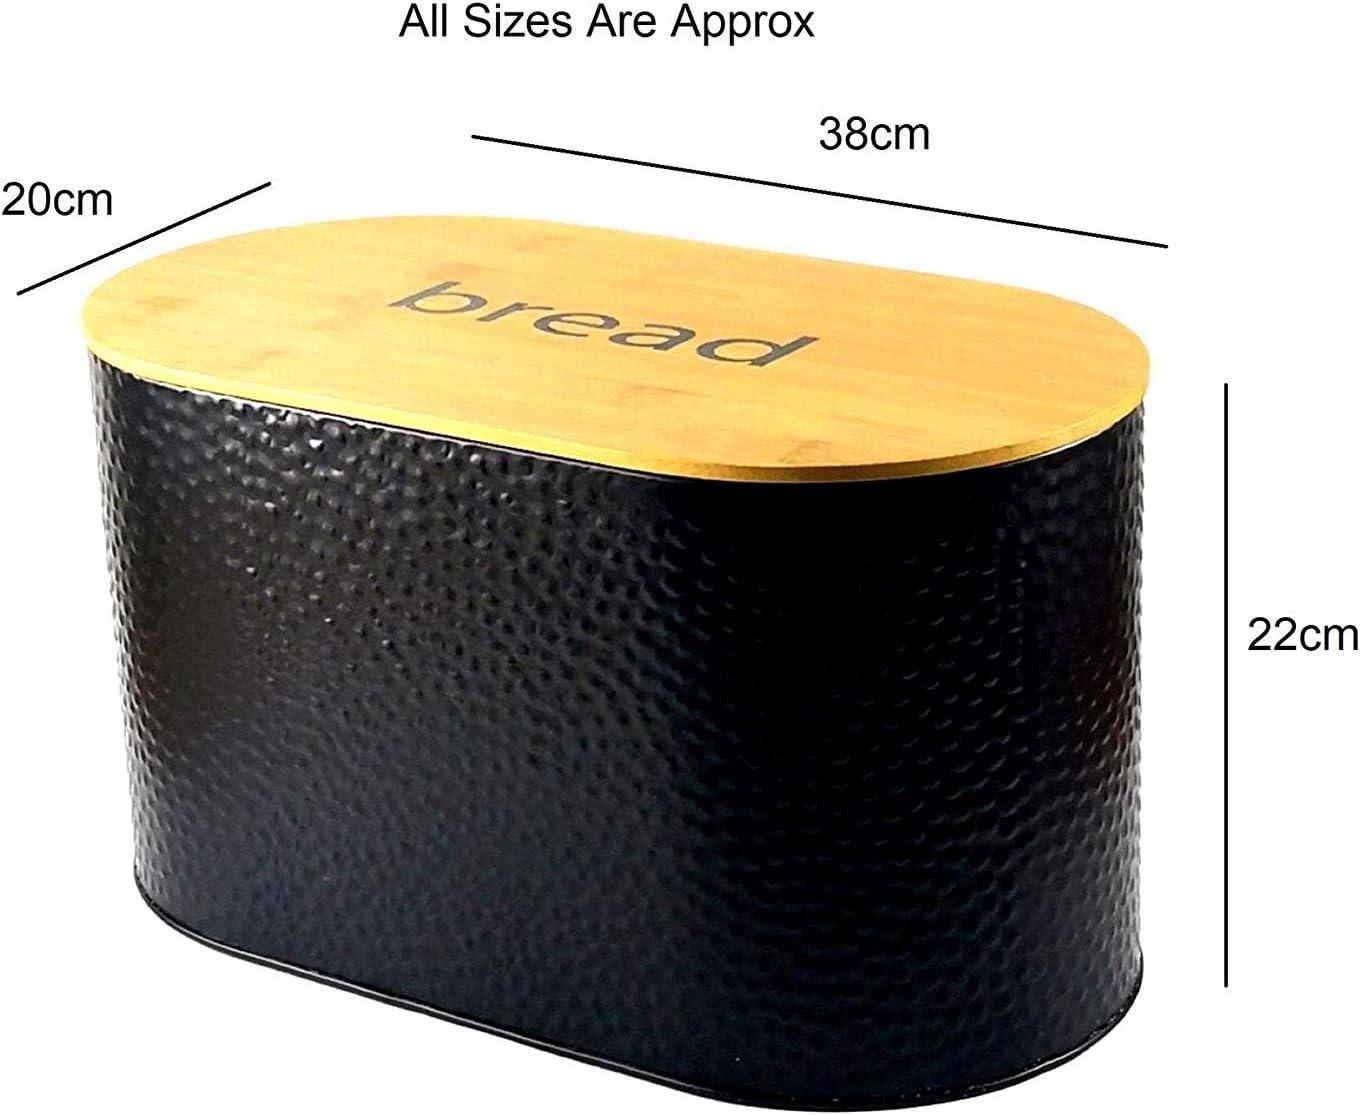 Gr8 Home M/étal Noir /à Pois Spots Textur/é en Relief Pain Poubelle Nourriture Pain Rangement Boite Cuisine Bamboo Board Couvercle